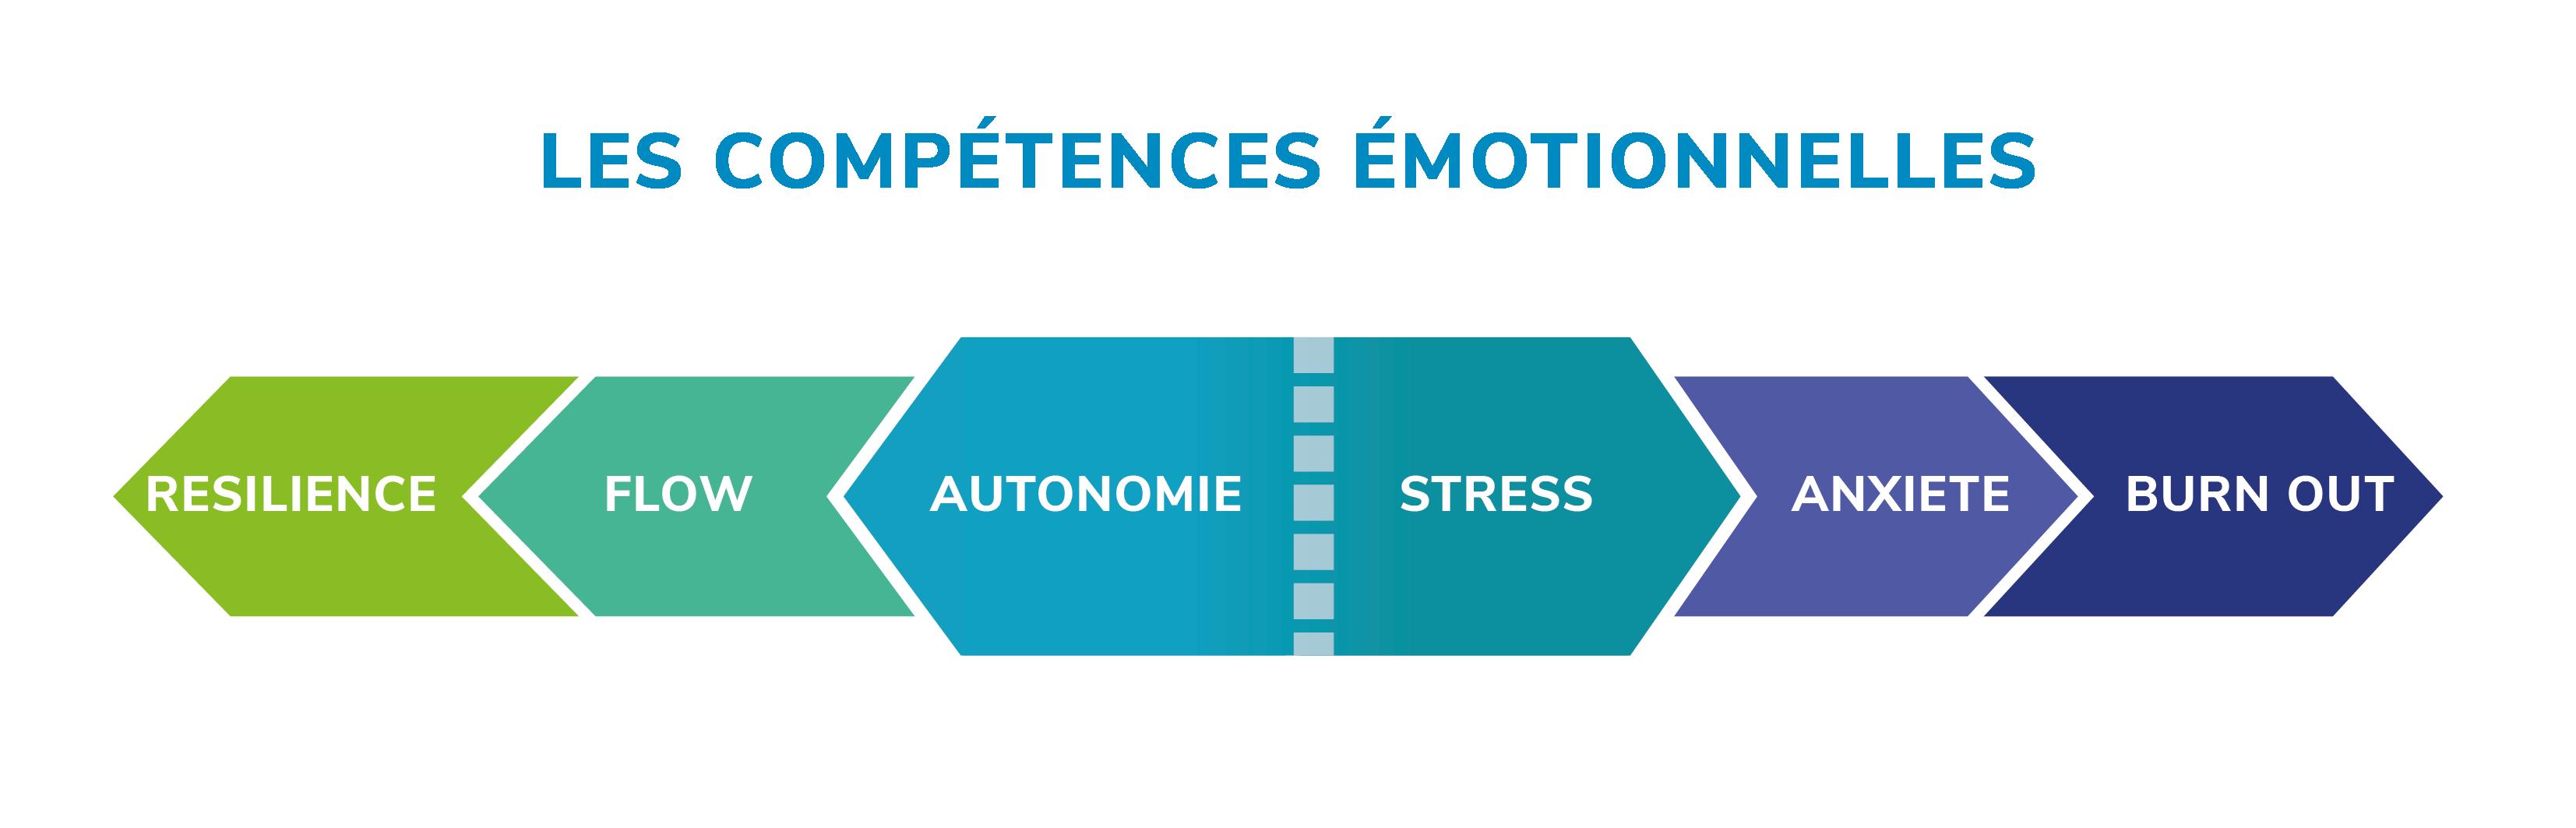 Compétences émotionnelles